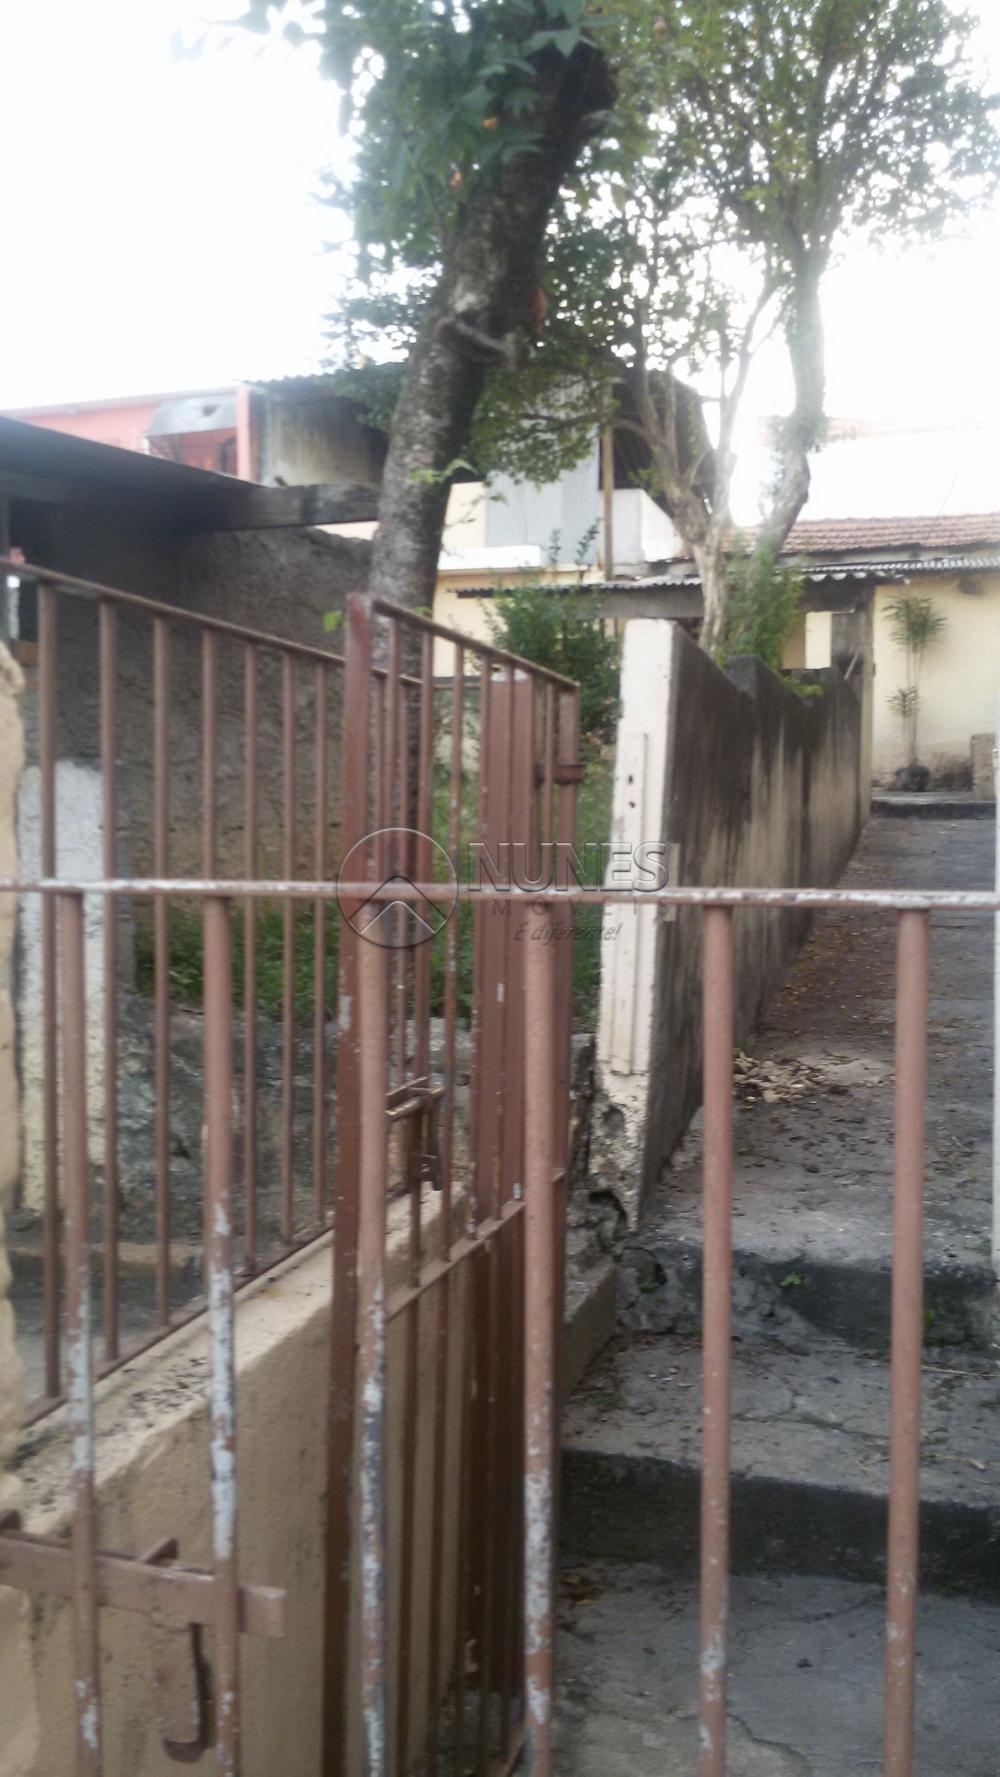 Lote / Terreno Residencial à venda em Vila Isabel, Osasco - SP